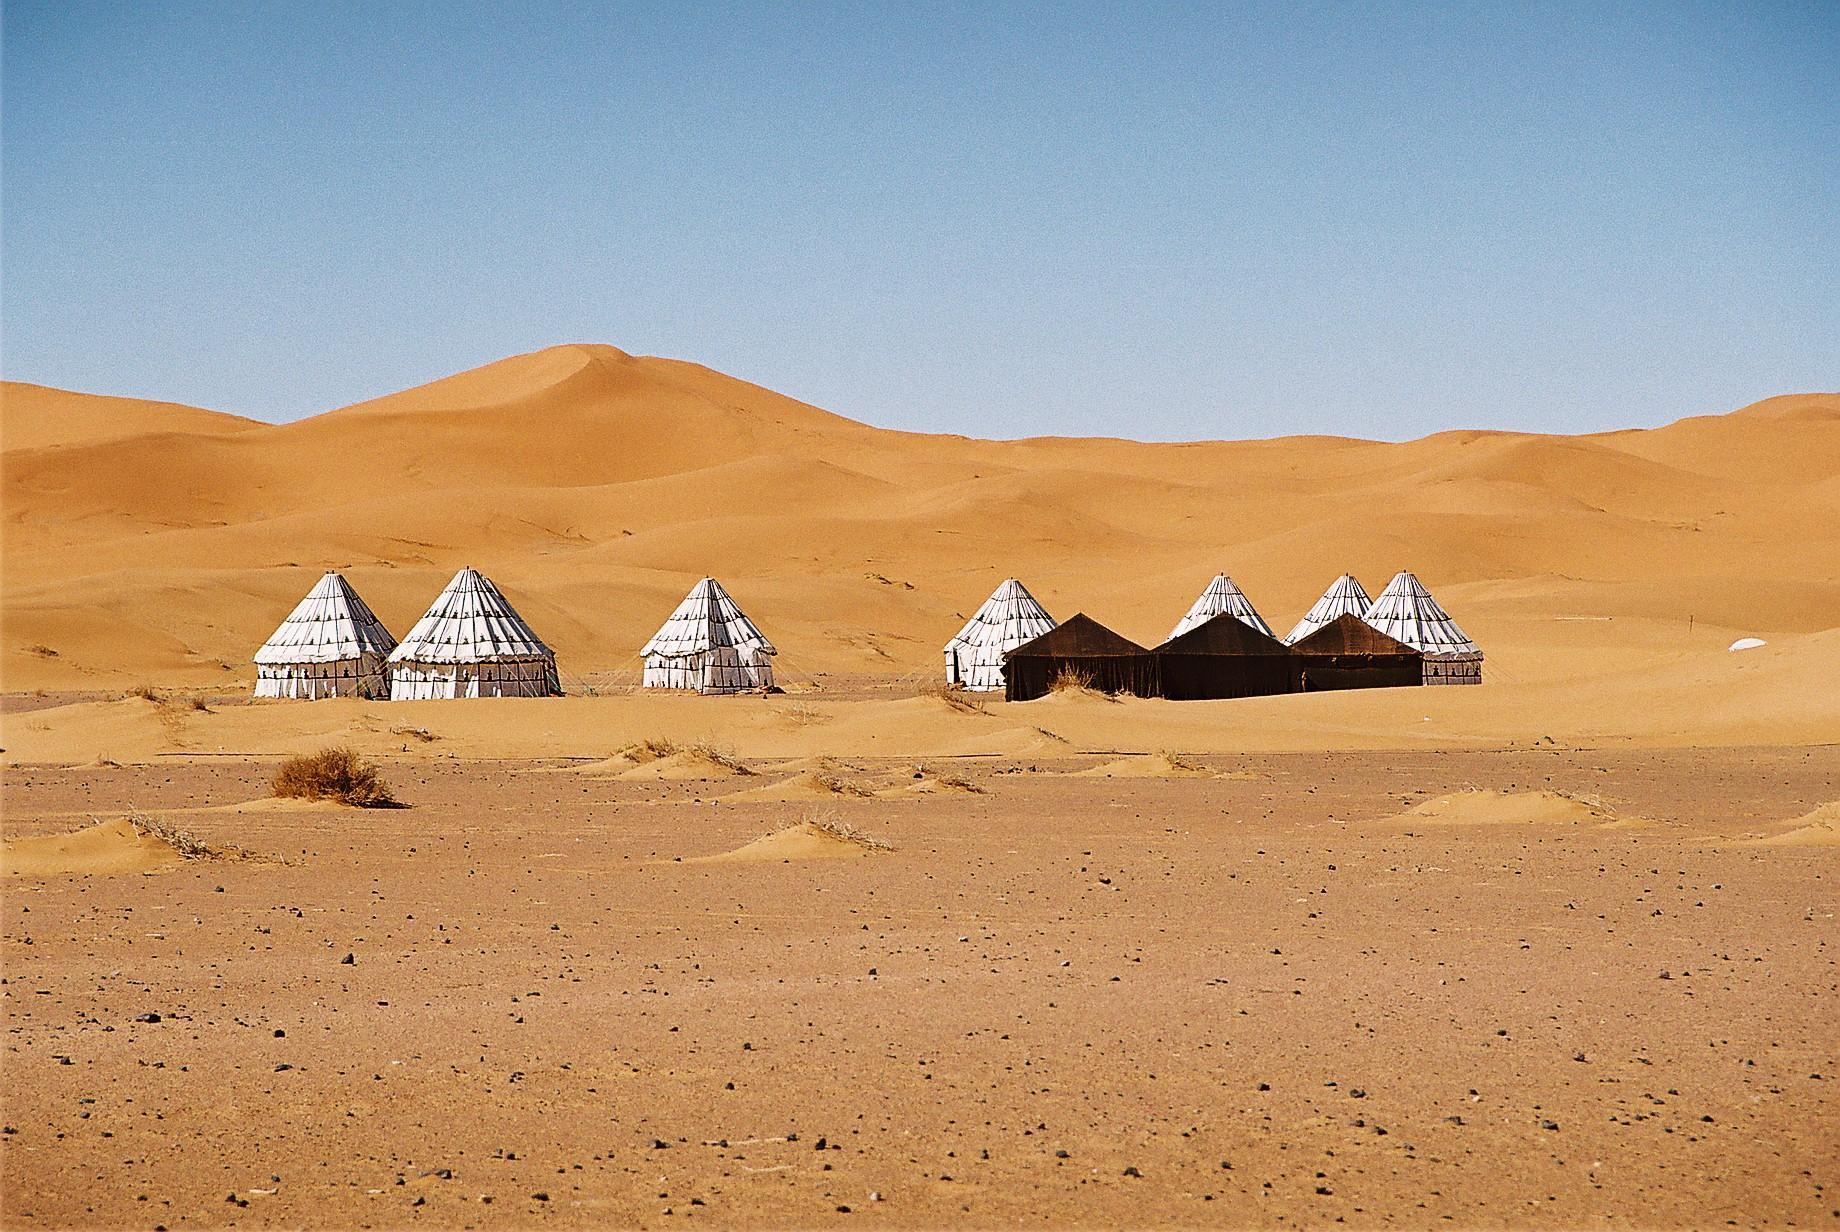 Voyage solidaire Maroc : Vision du Monde - Photo 4